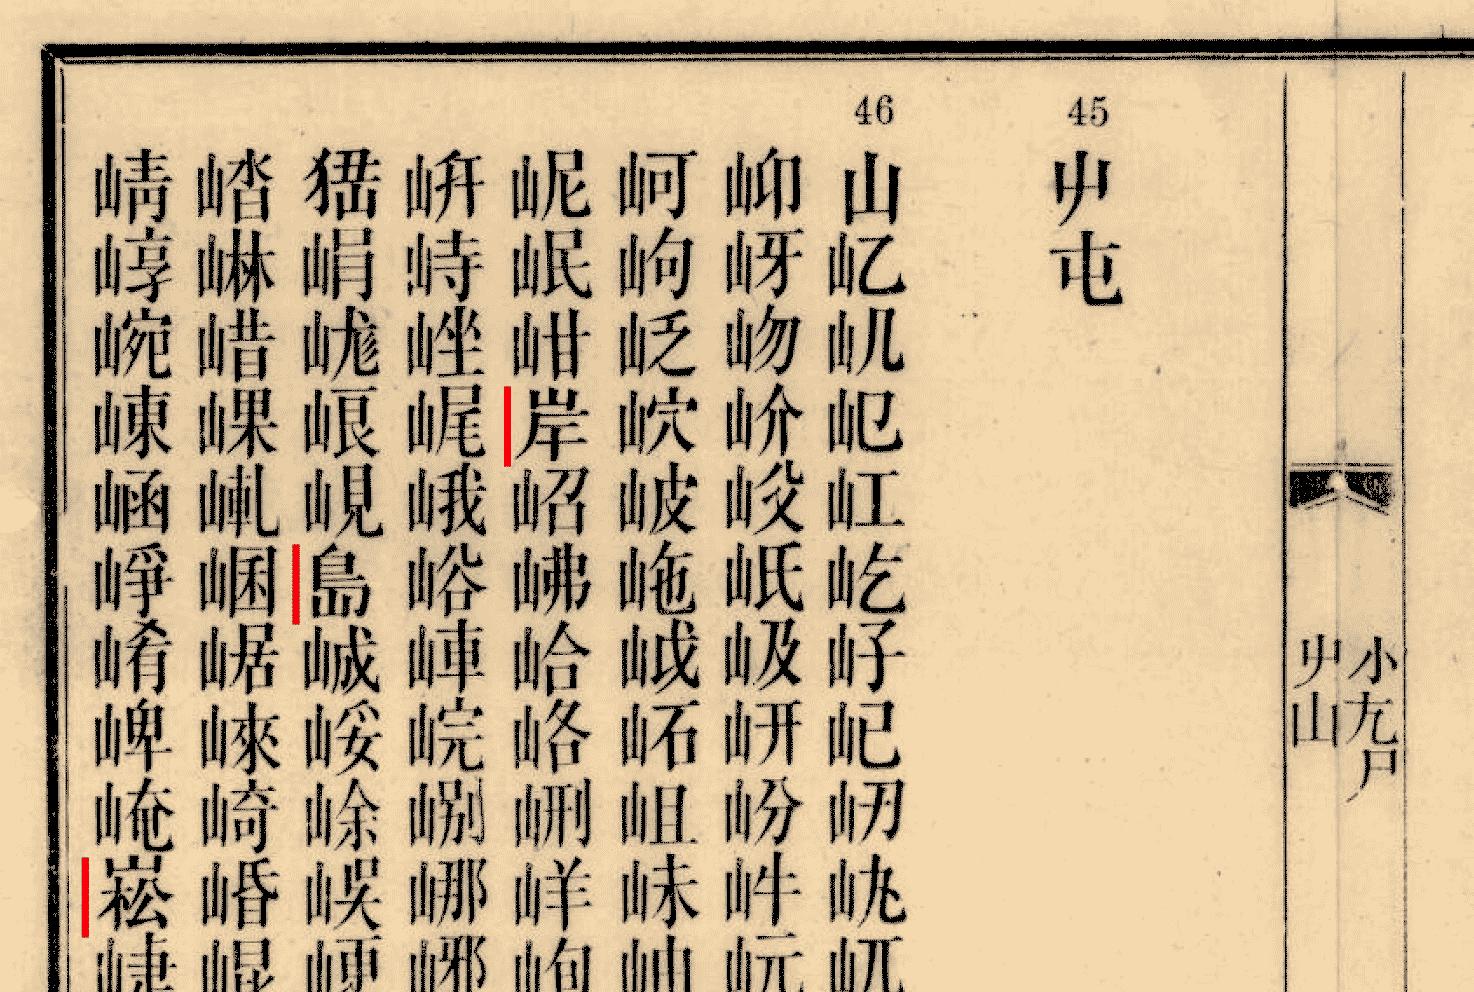 berlinfont-meihuashuguan2